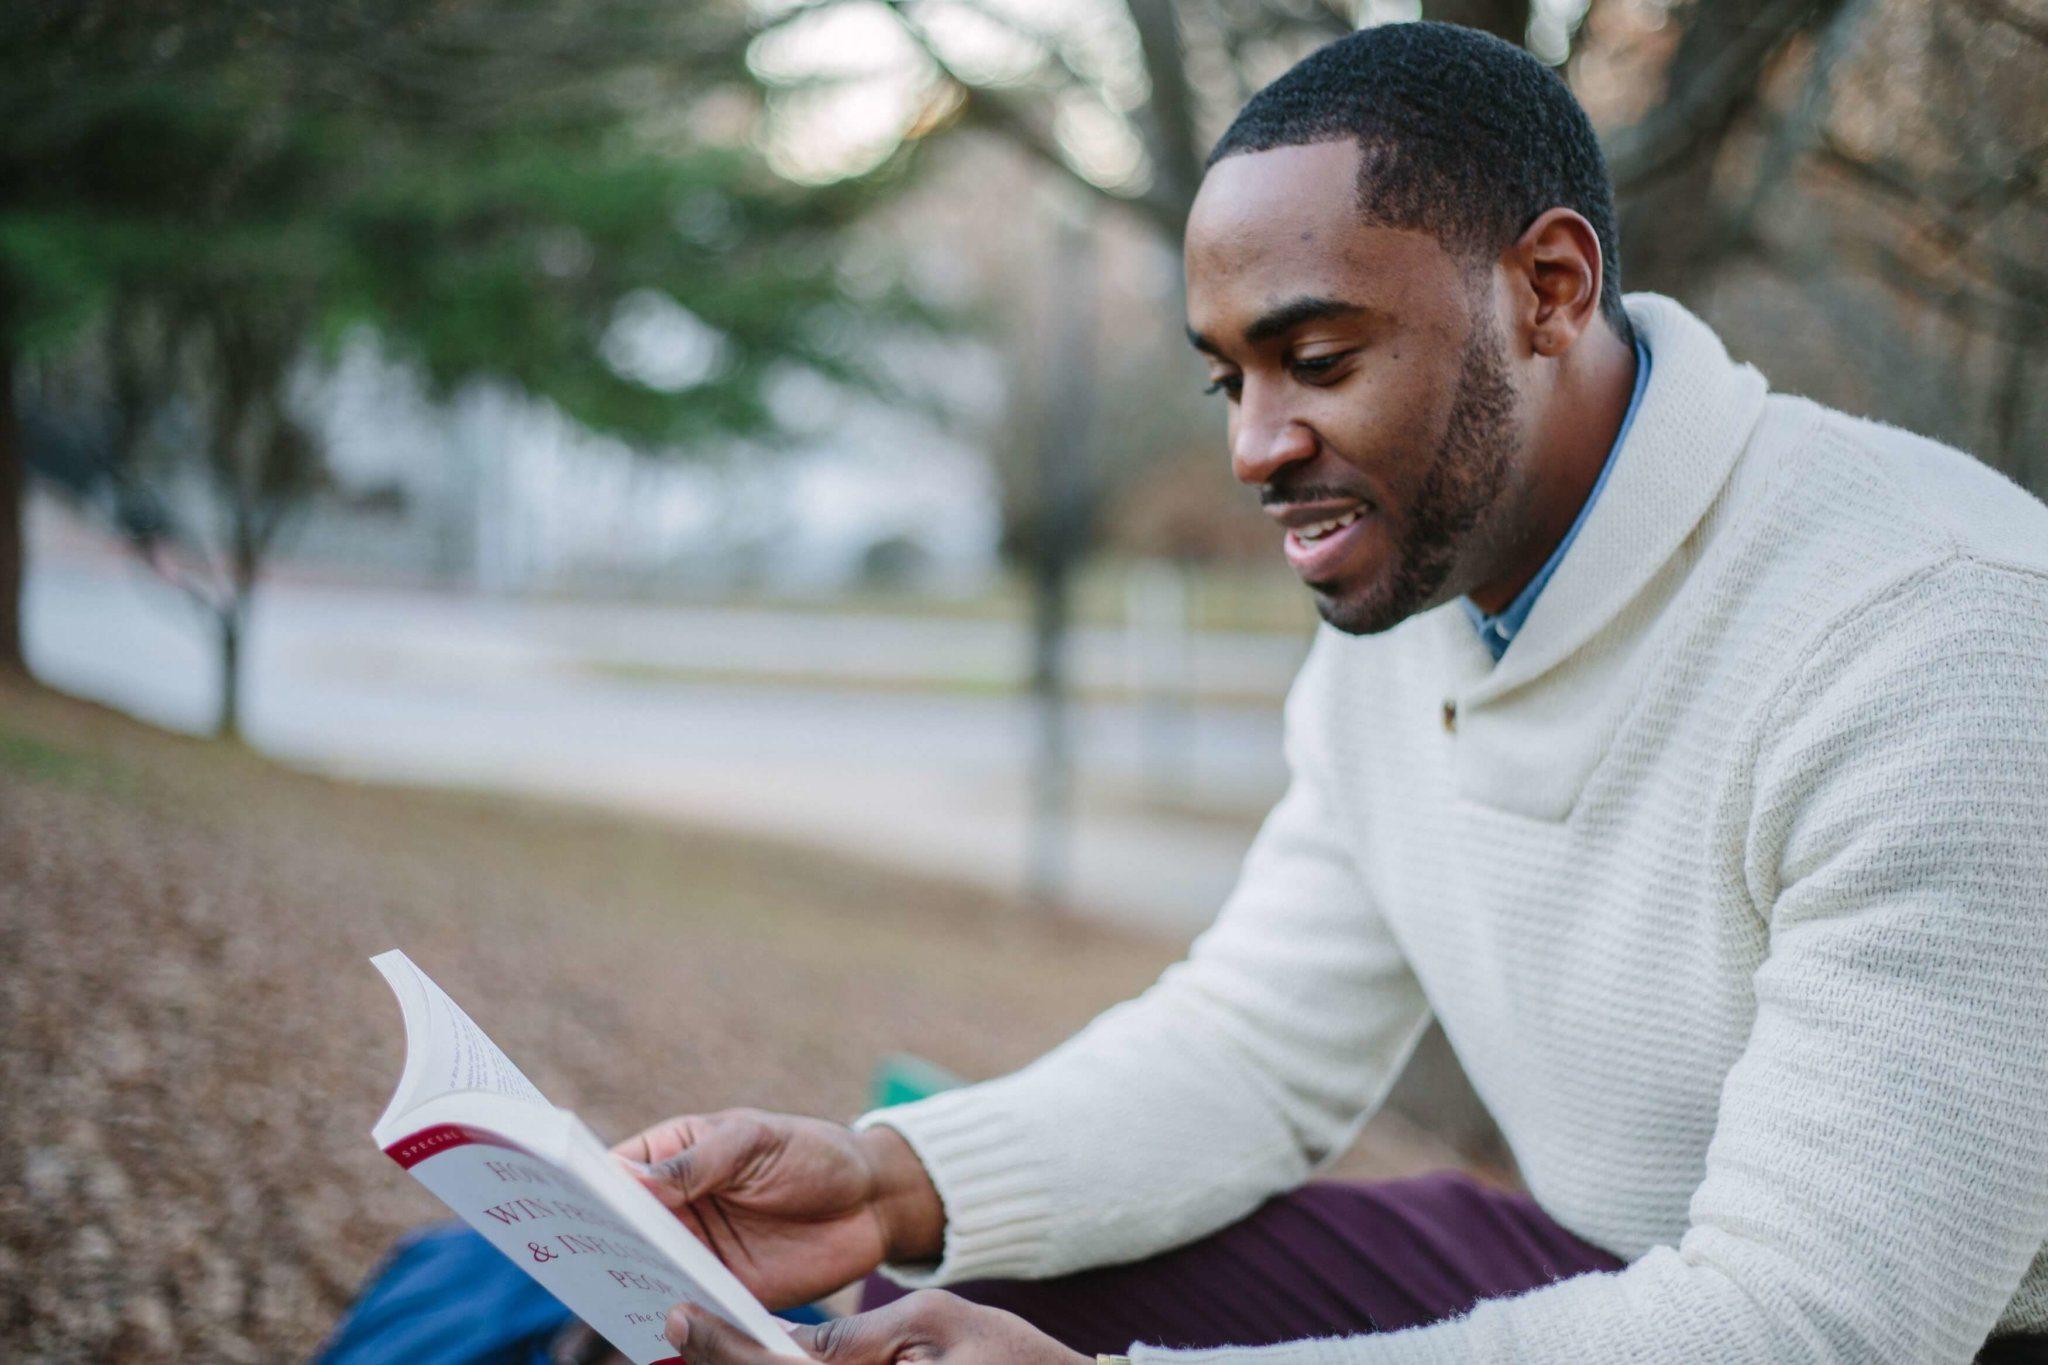 4 melhores livros de recrutamento e seleção para profissionais de RH